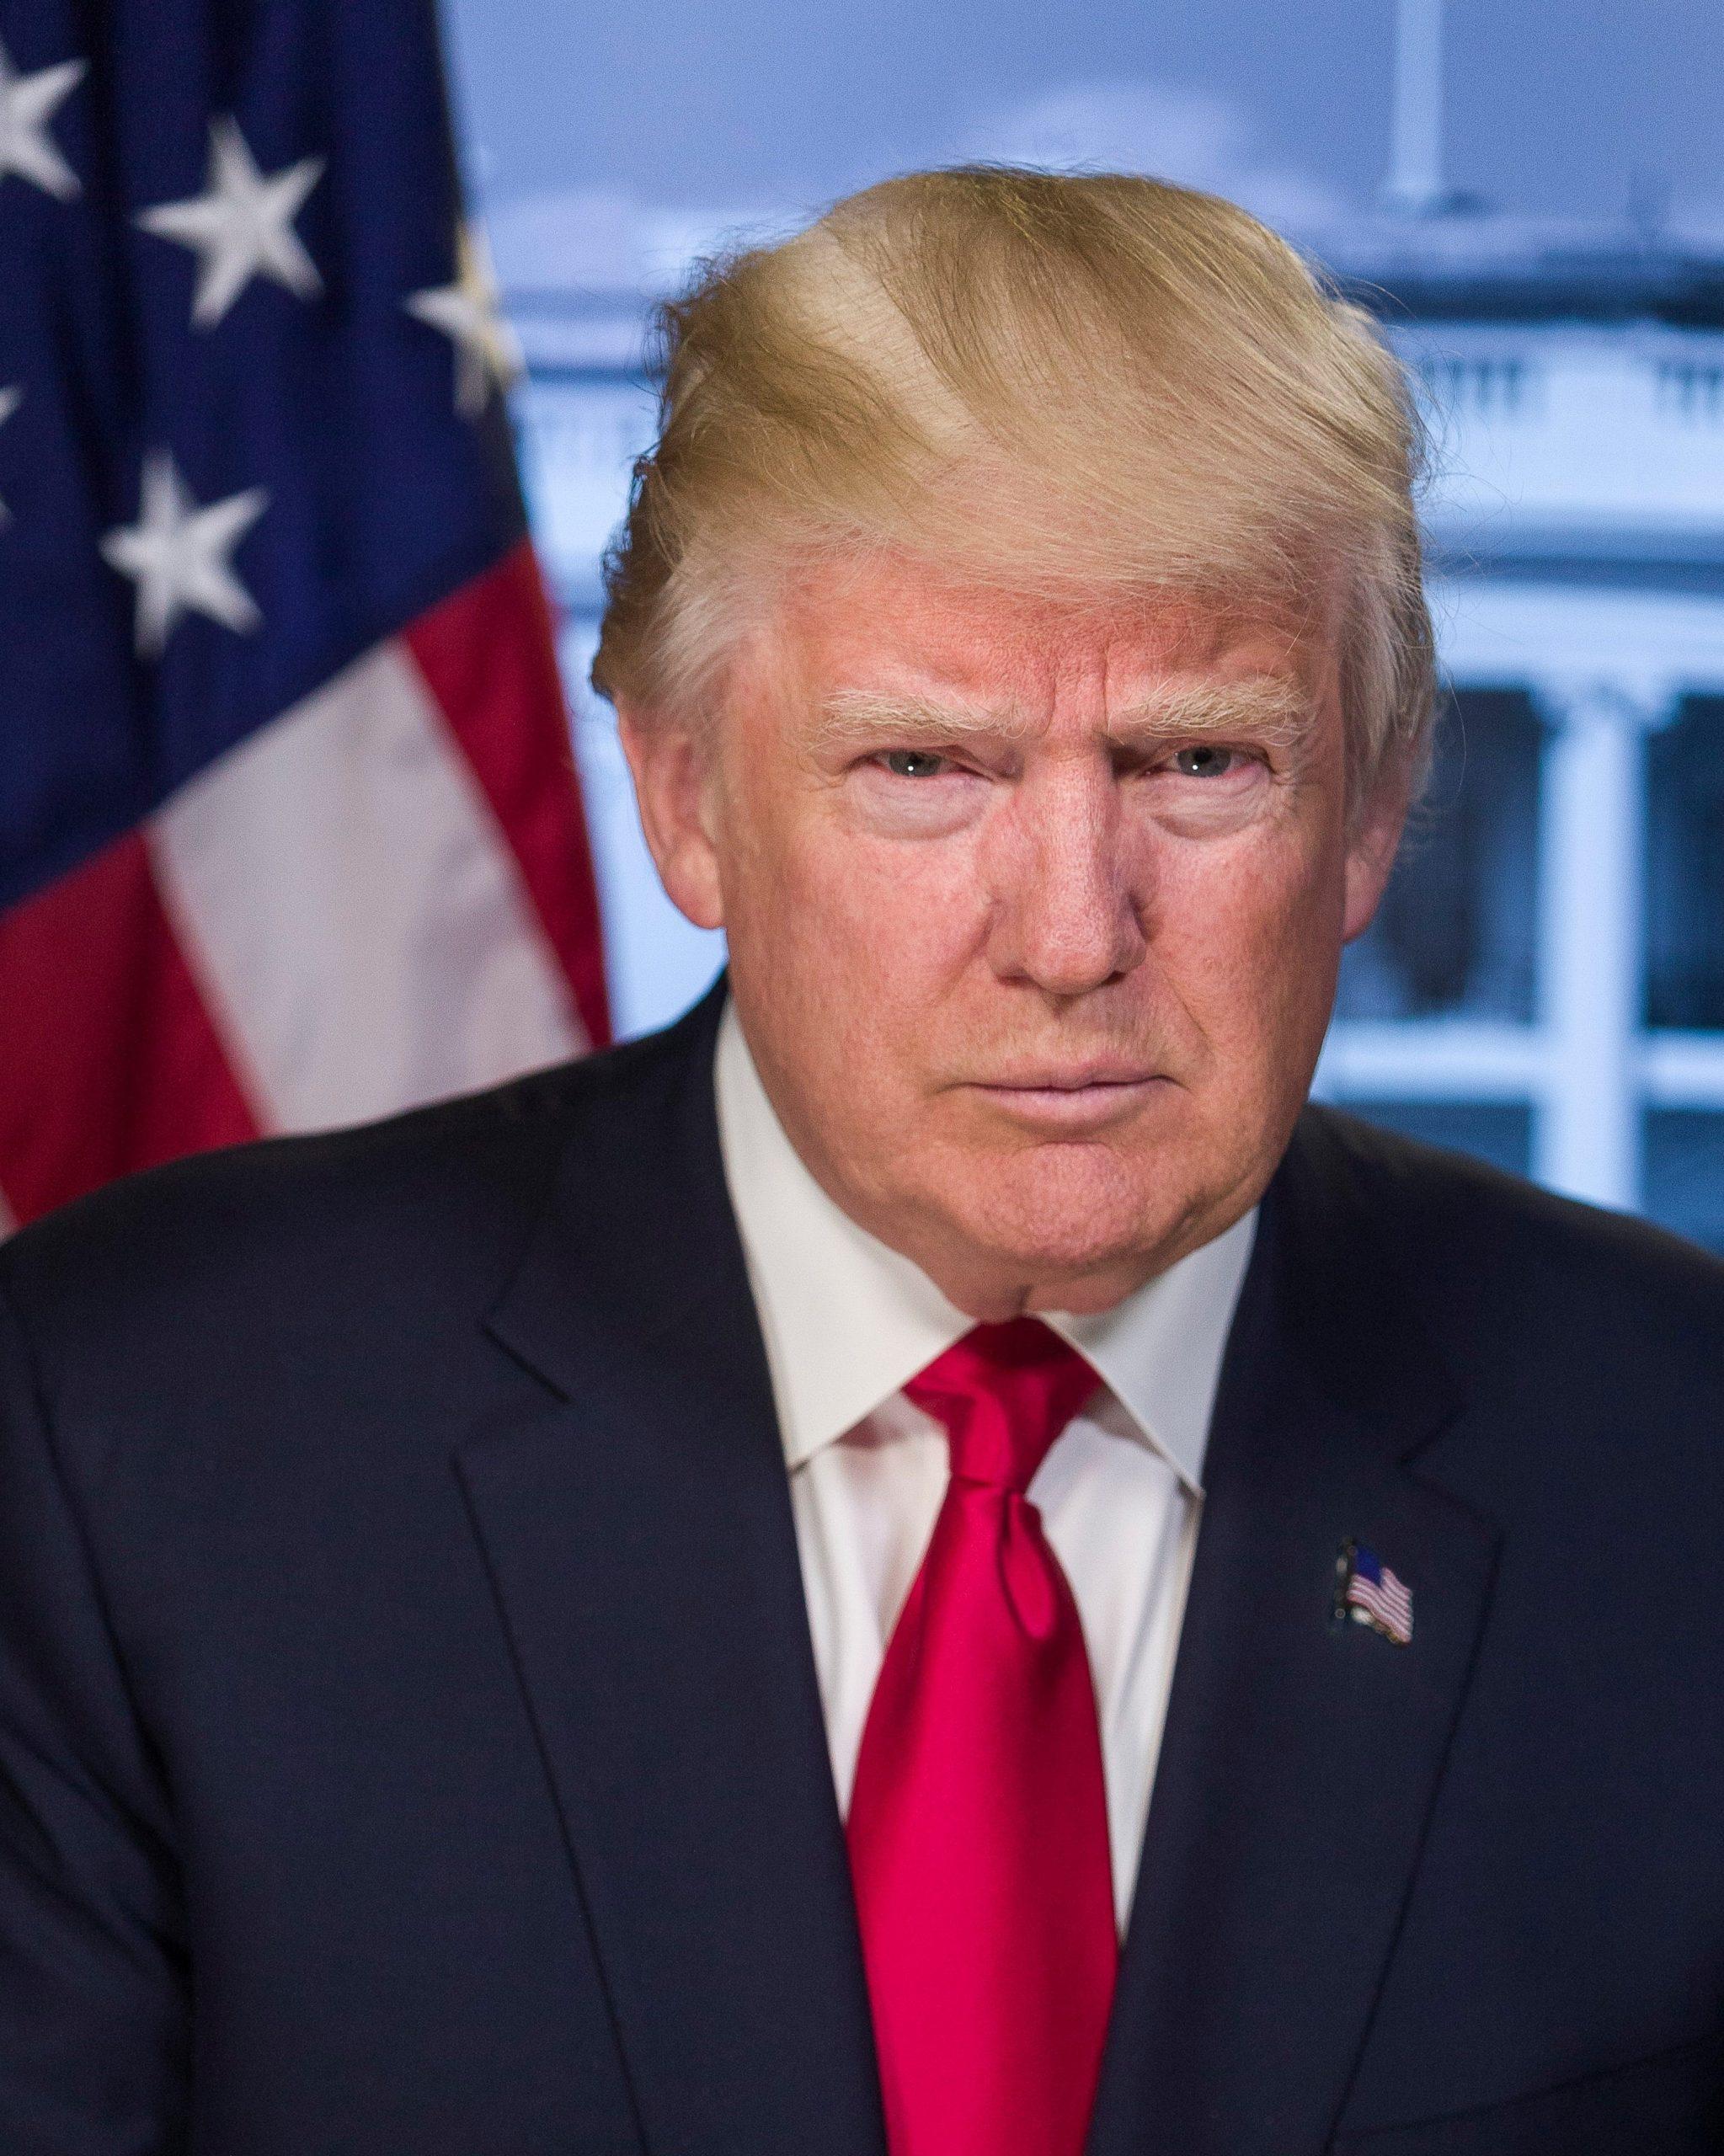 Ο Trump είχε ενημερωθεί για την πανδημία από τις αρχές Ιανουαρίου. Και αγνόησε όλες τις προειδοποιήσεις